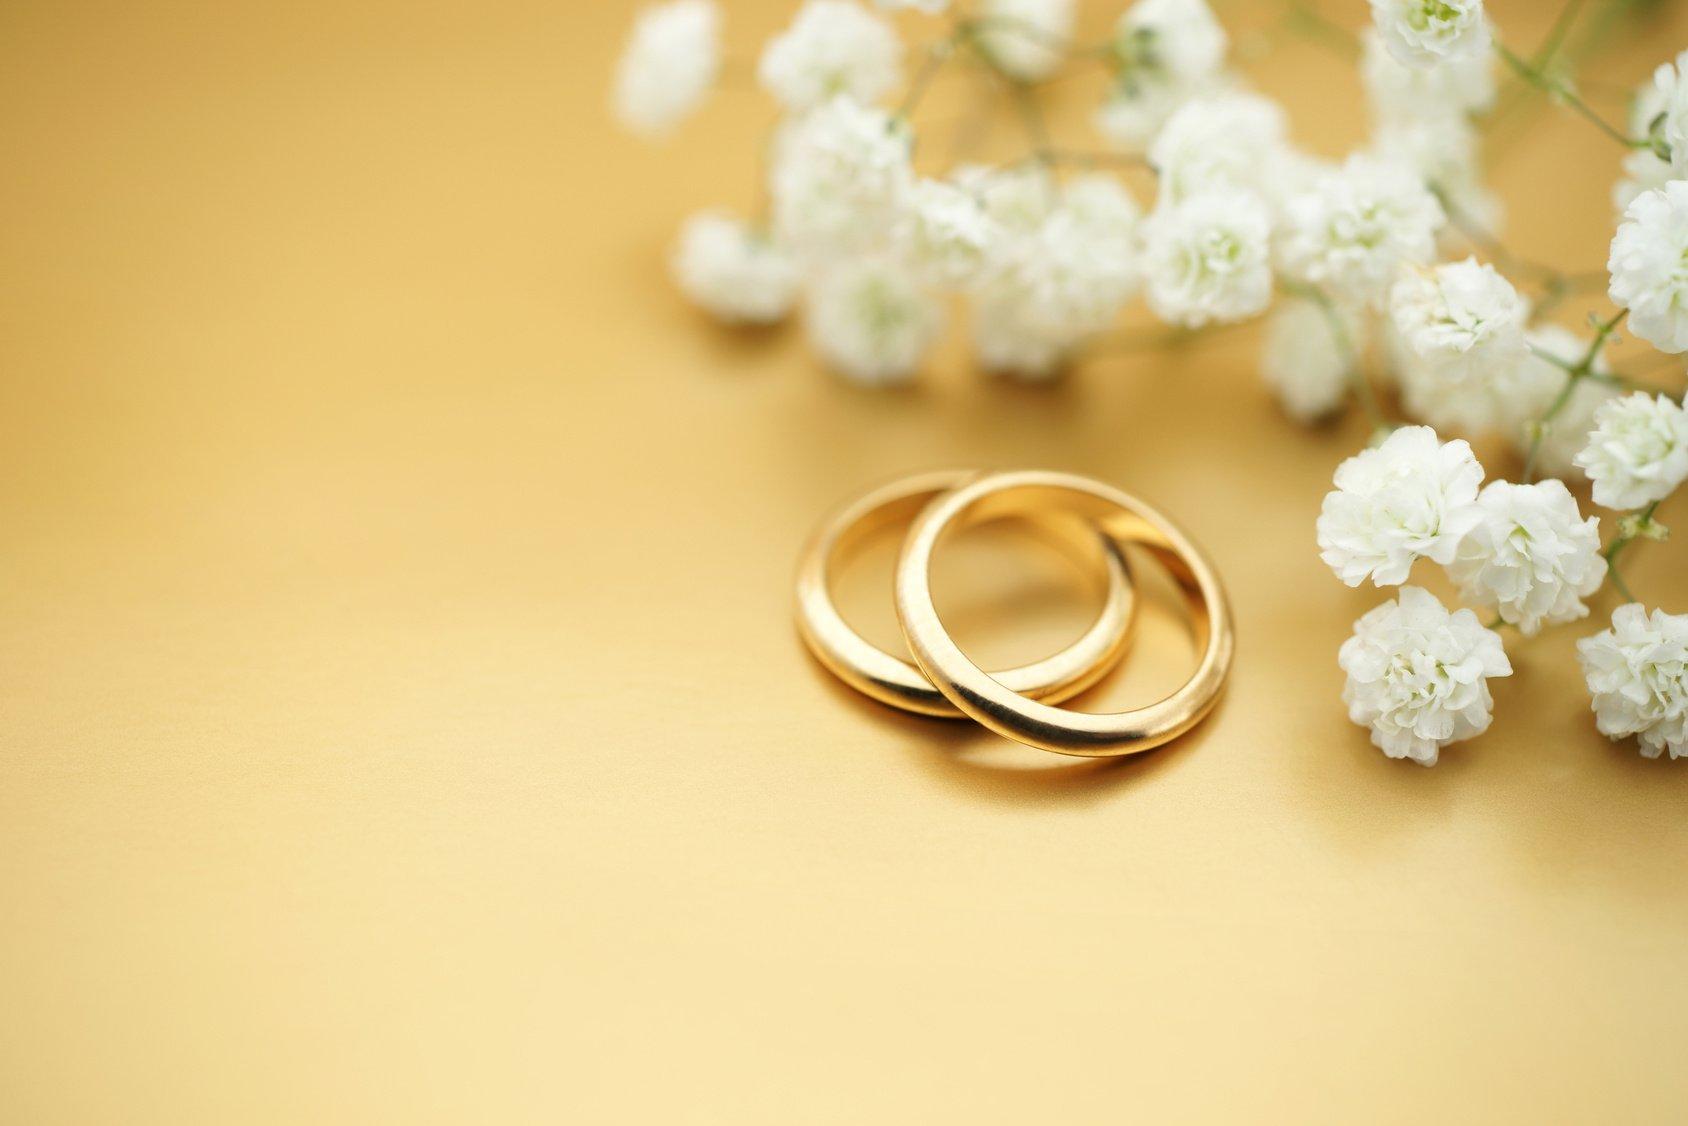 Matrimonio beni in comunione o separazione legale  Cose